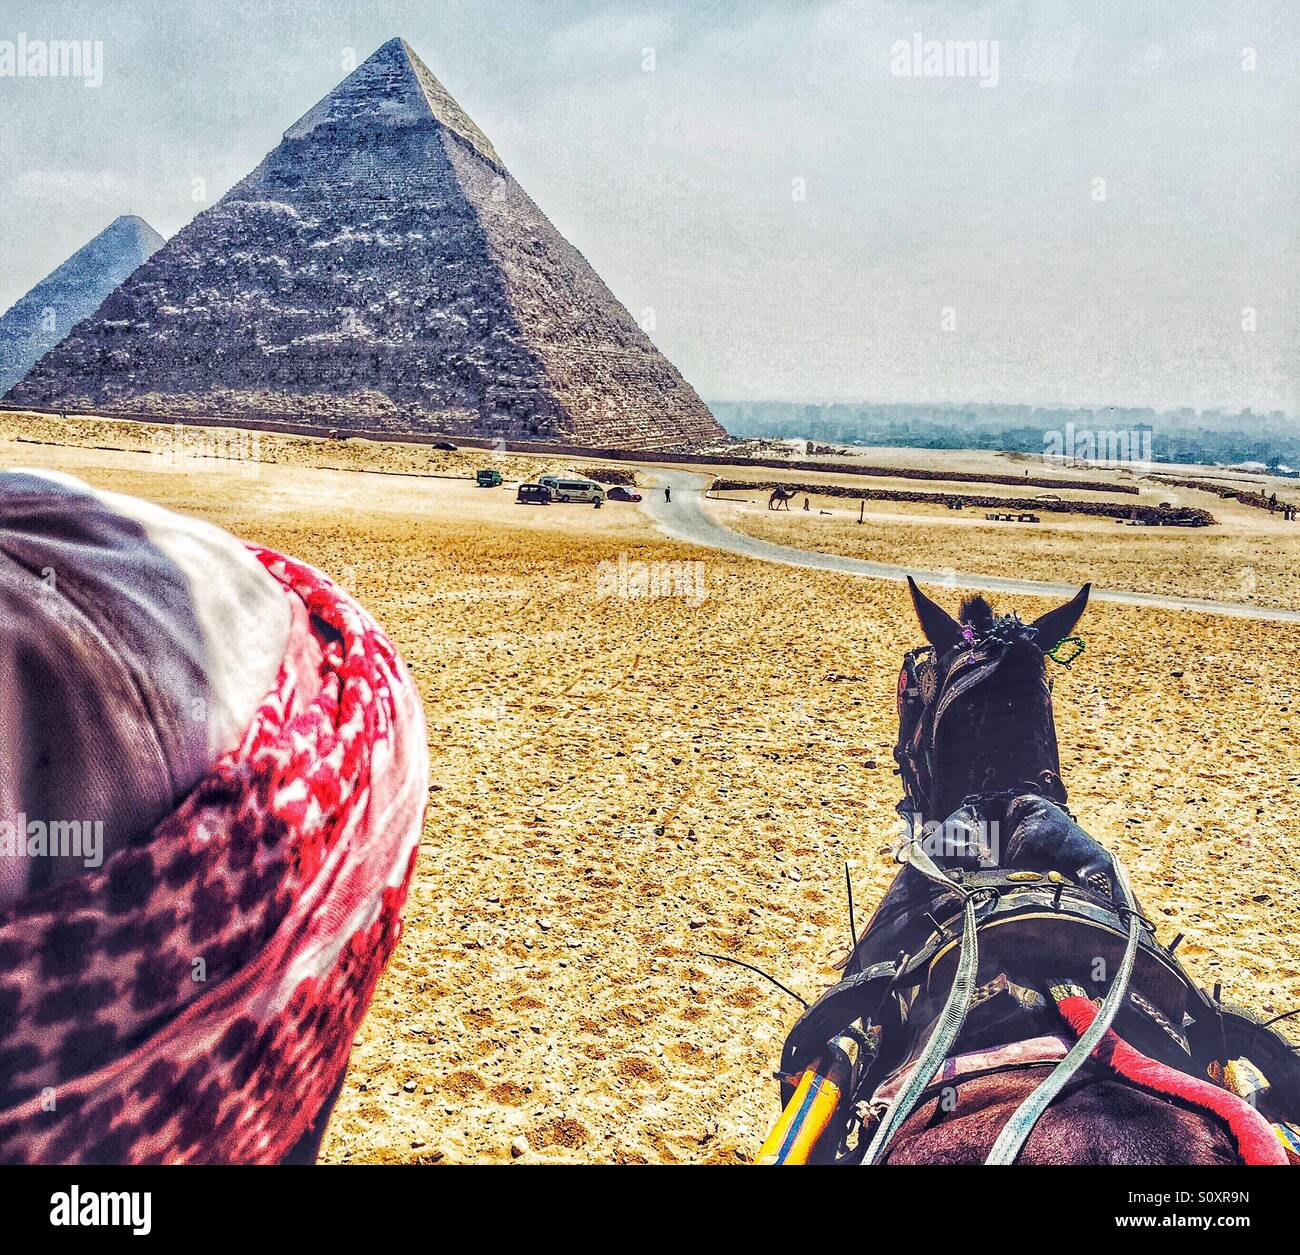 L'homme conduit une voiture à les pyramides de l'Égypte Photo Stock